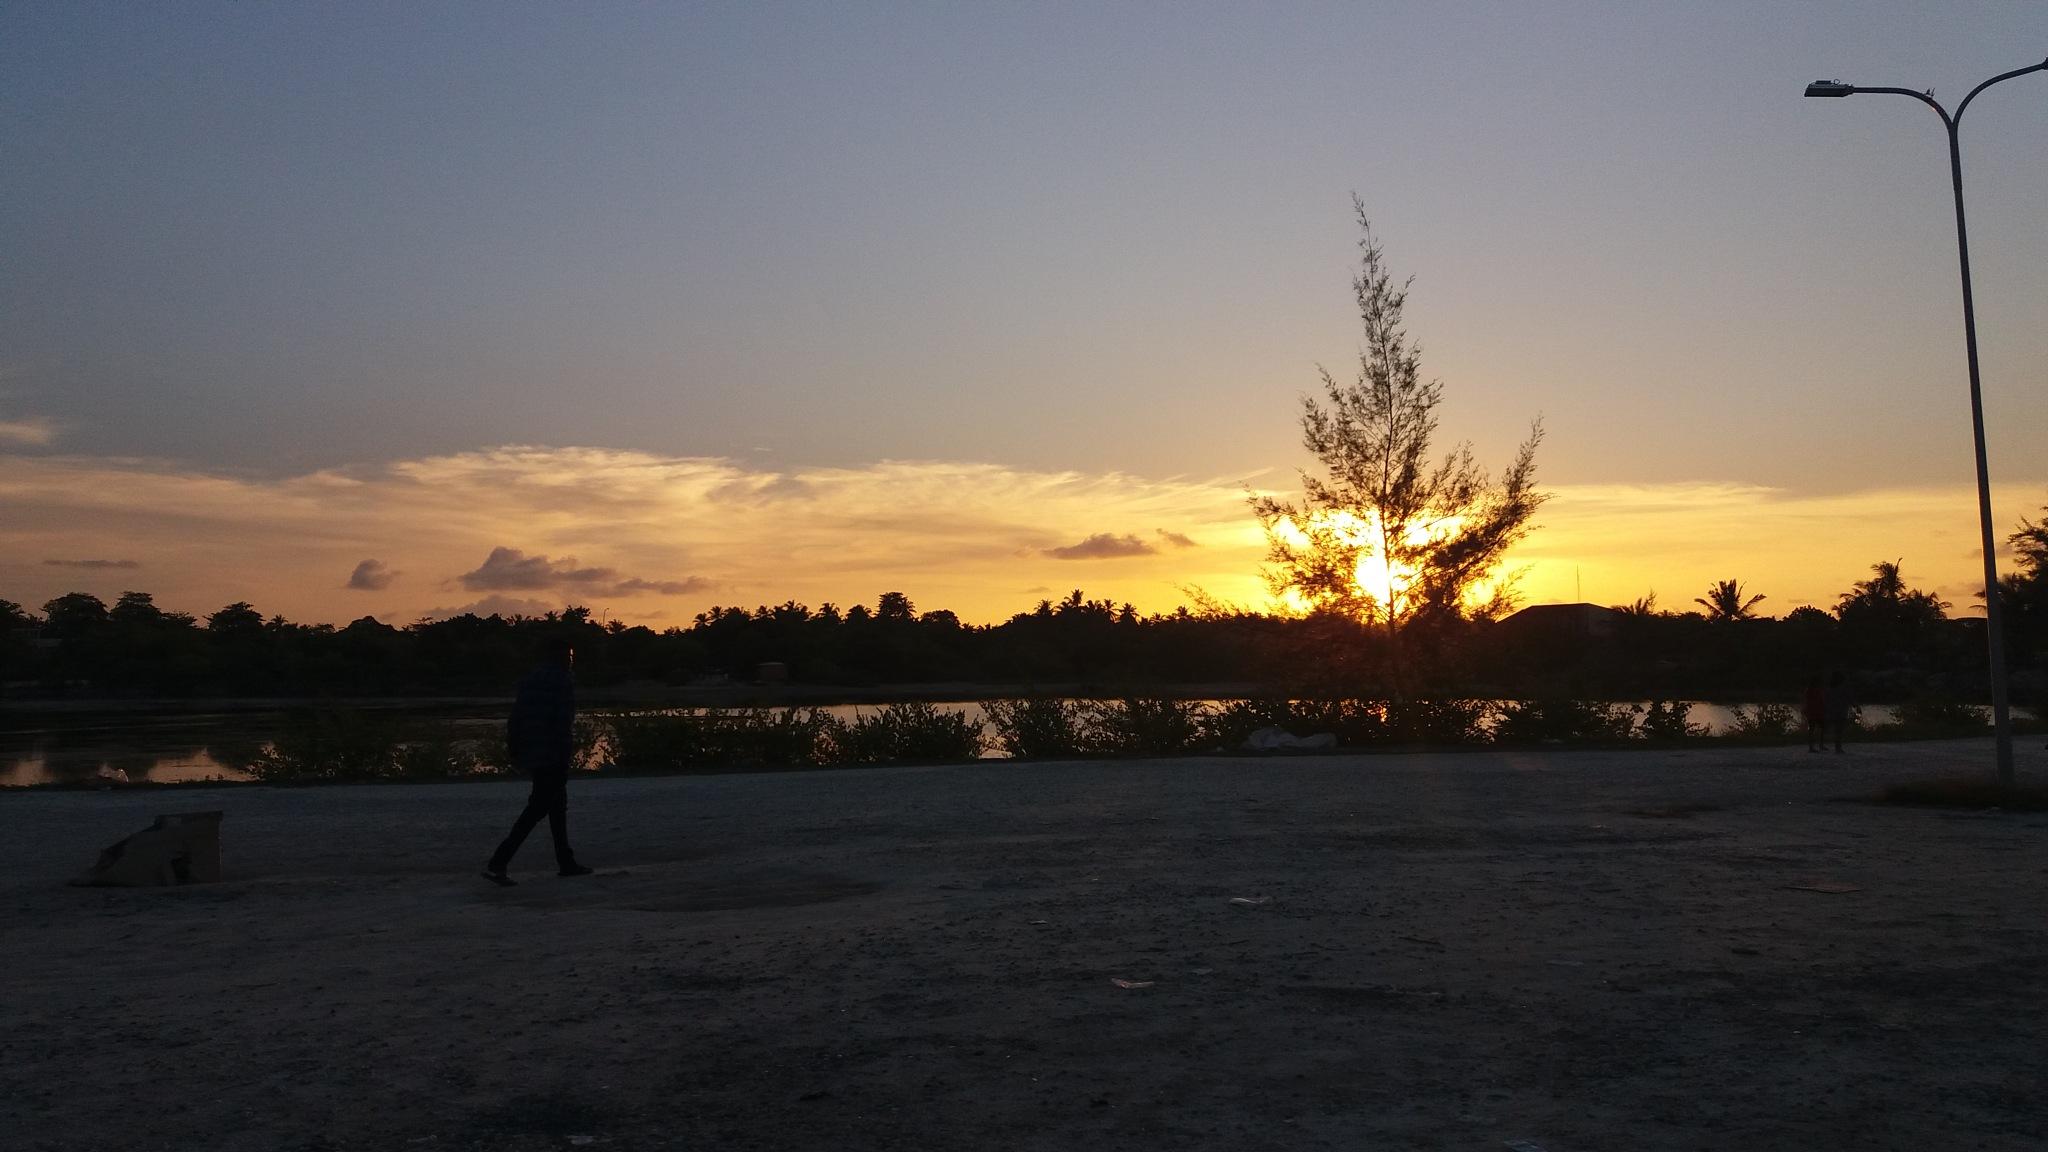 sunset by Abdulla Sideeq